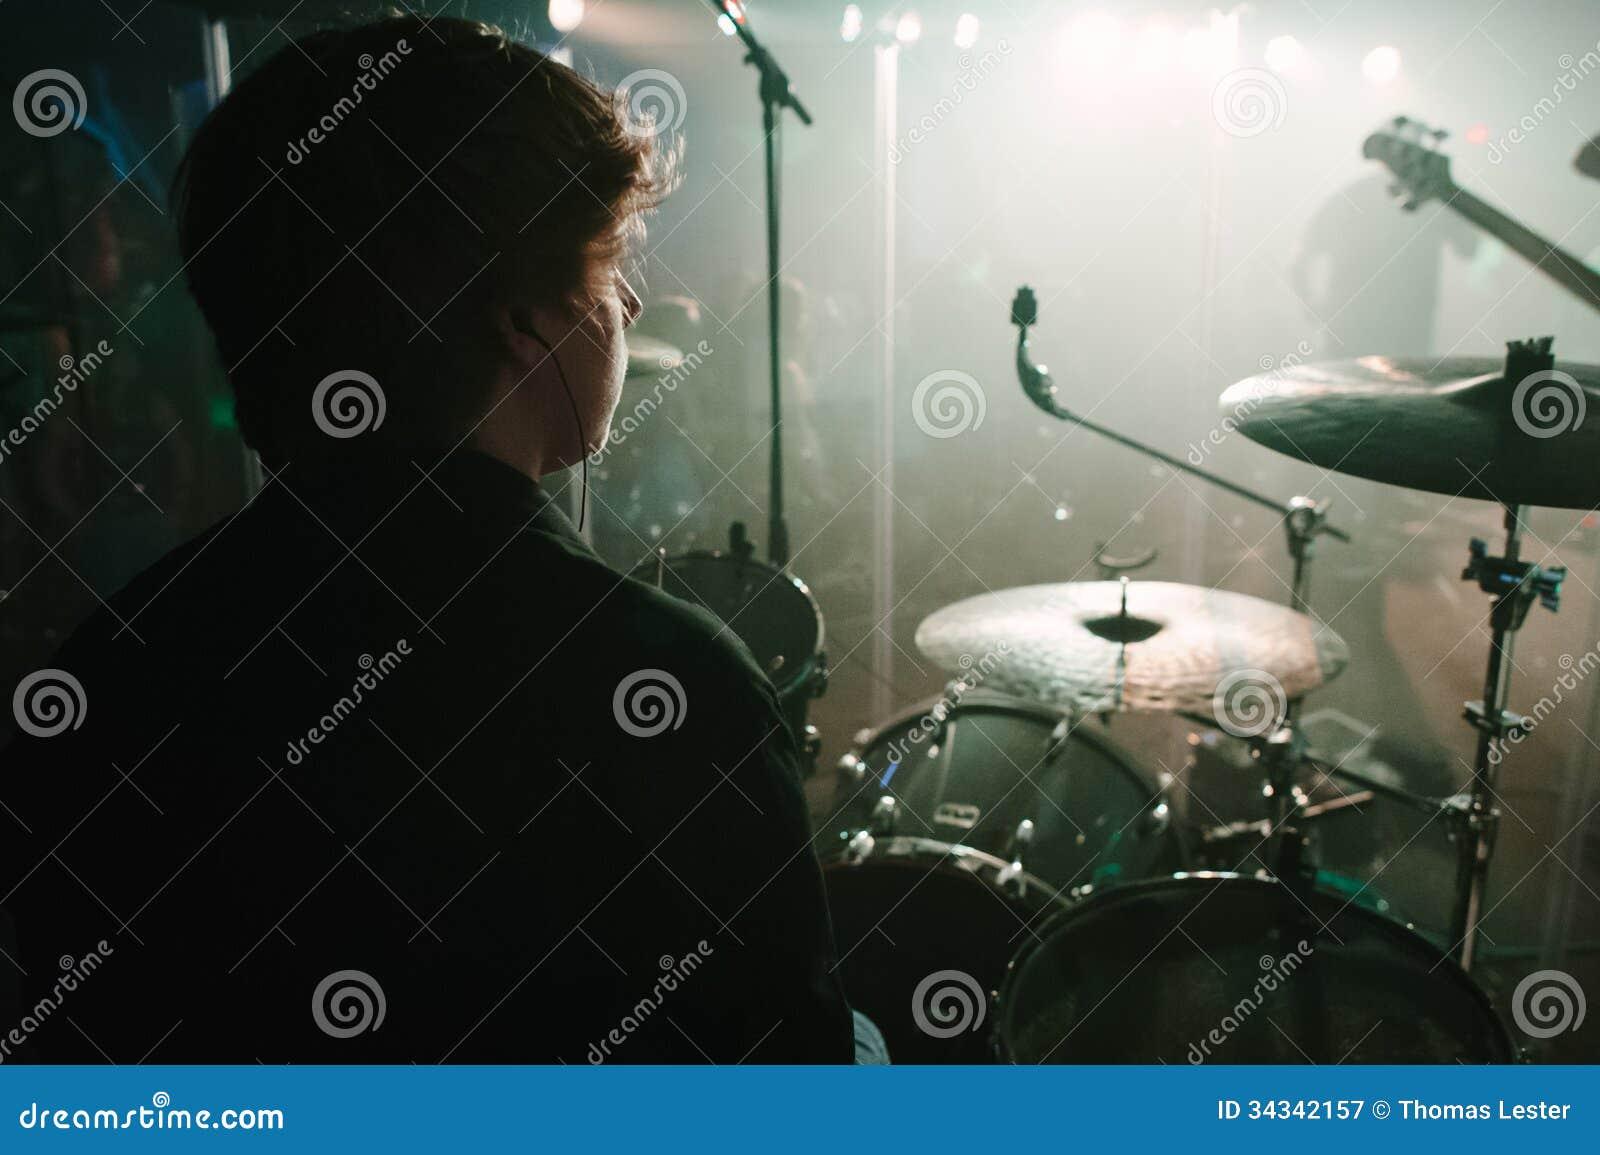 Un concierto vivo de la perspectiva de los bater as - Bater roca precios ...